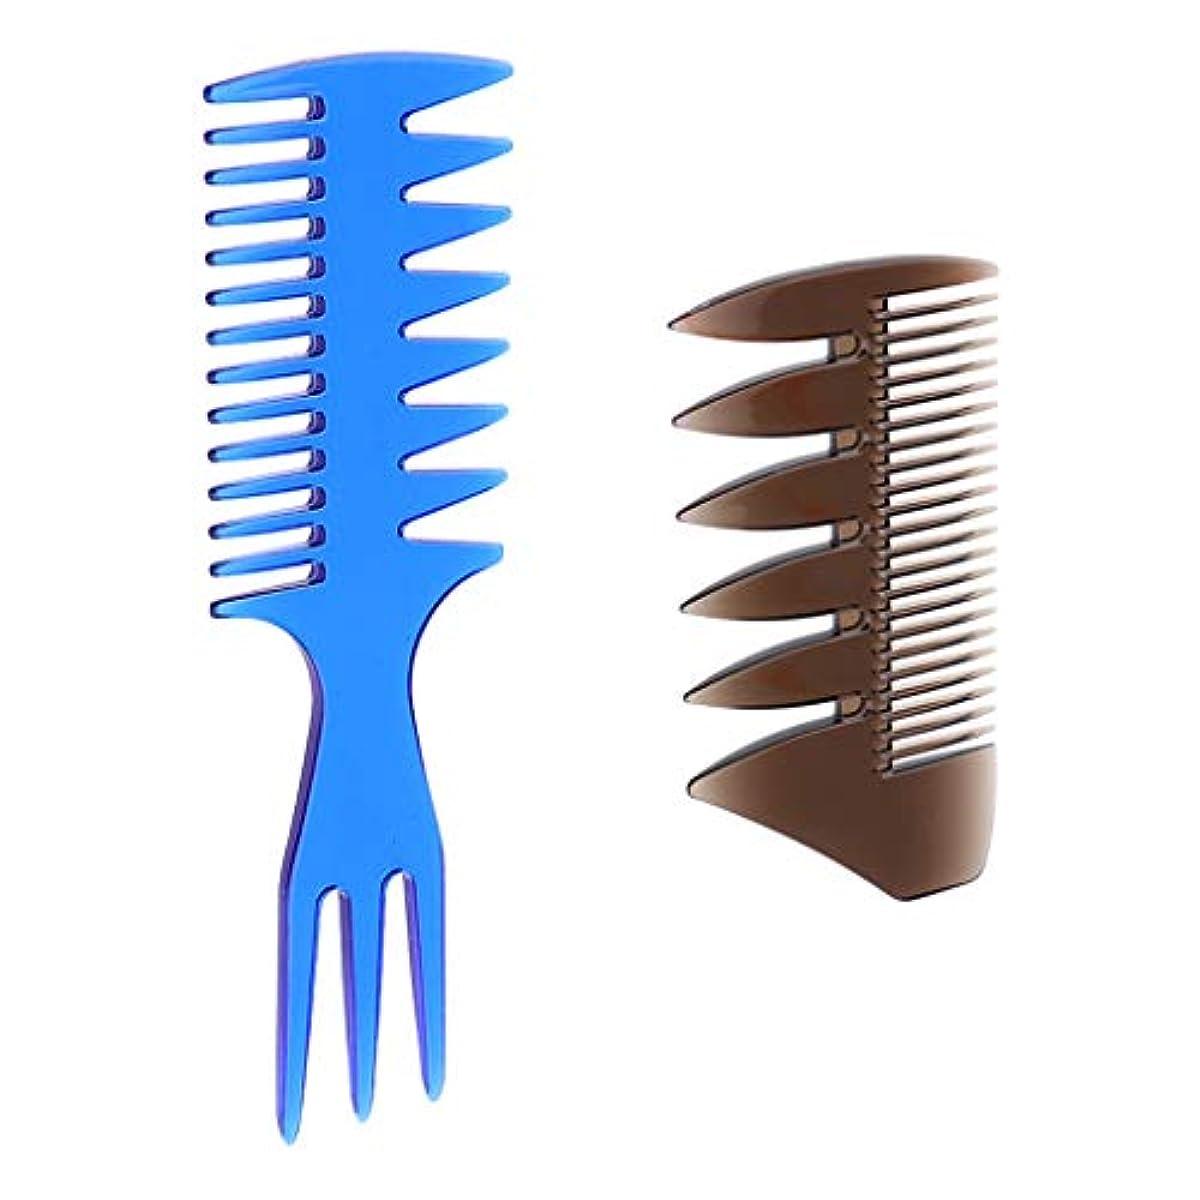 ニンニク脚北方3-in-1櫛 2-in-1櫛 ヘアサロン 髪の櫛 静電気防止櫛 2個